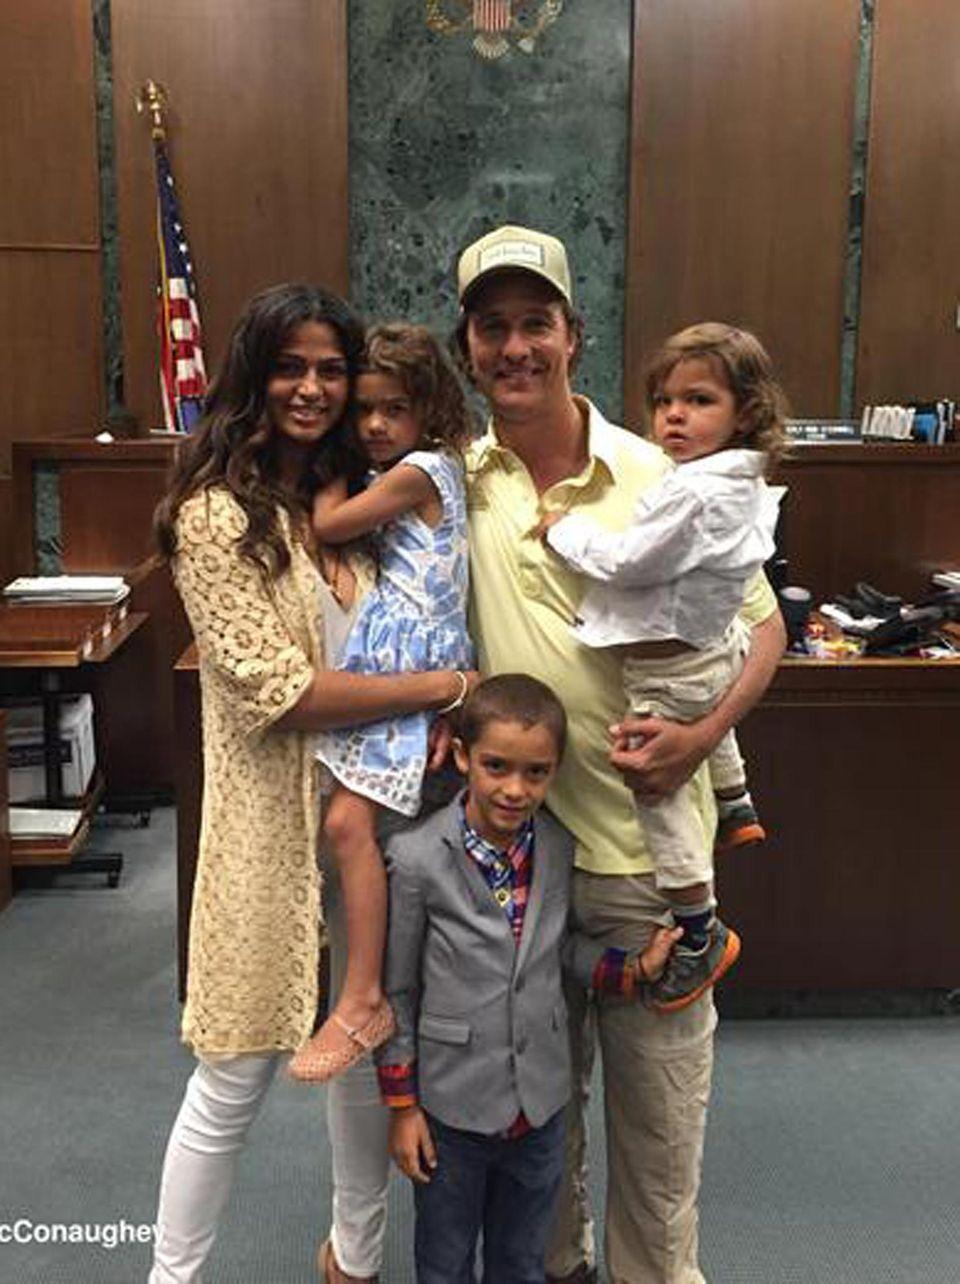 """4. August 2015  Camila Alves darf sich endlich ihren US-amerikanischen Pass abholen. """"Gratulation Camila, dass du heute deine US-Staatsbürgerschaft bekommen hast"""", schreibt Matthew McConaughey zu einem Bild, das die ganze Familie zeigt. """"Ein weiterer und großartiger Amerikaner"""", fügt er außerdem hinzu. Auch die Kinder Vida, Levi und Livingston freuen sich offenbar mit der Mama. Das Model wurde in Brasilien geboren."""